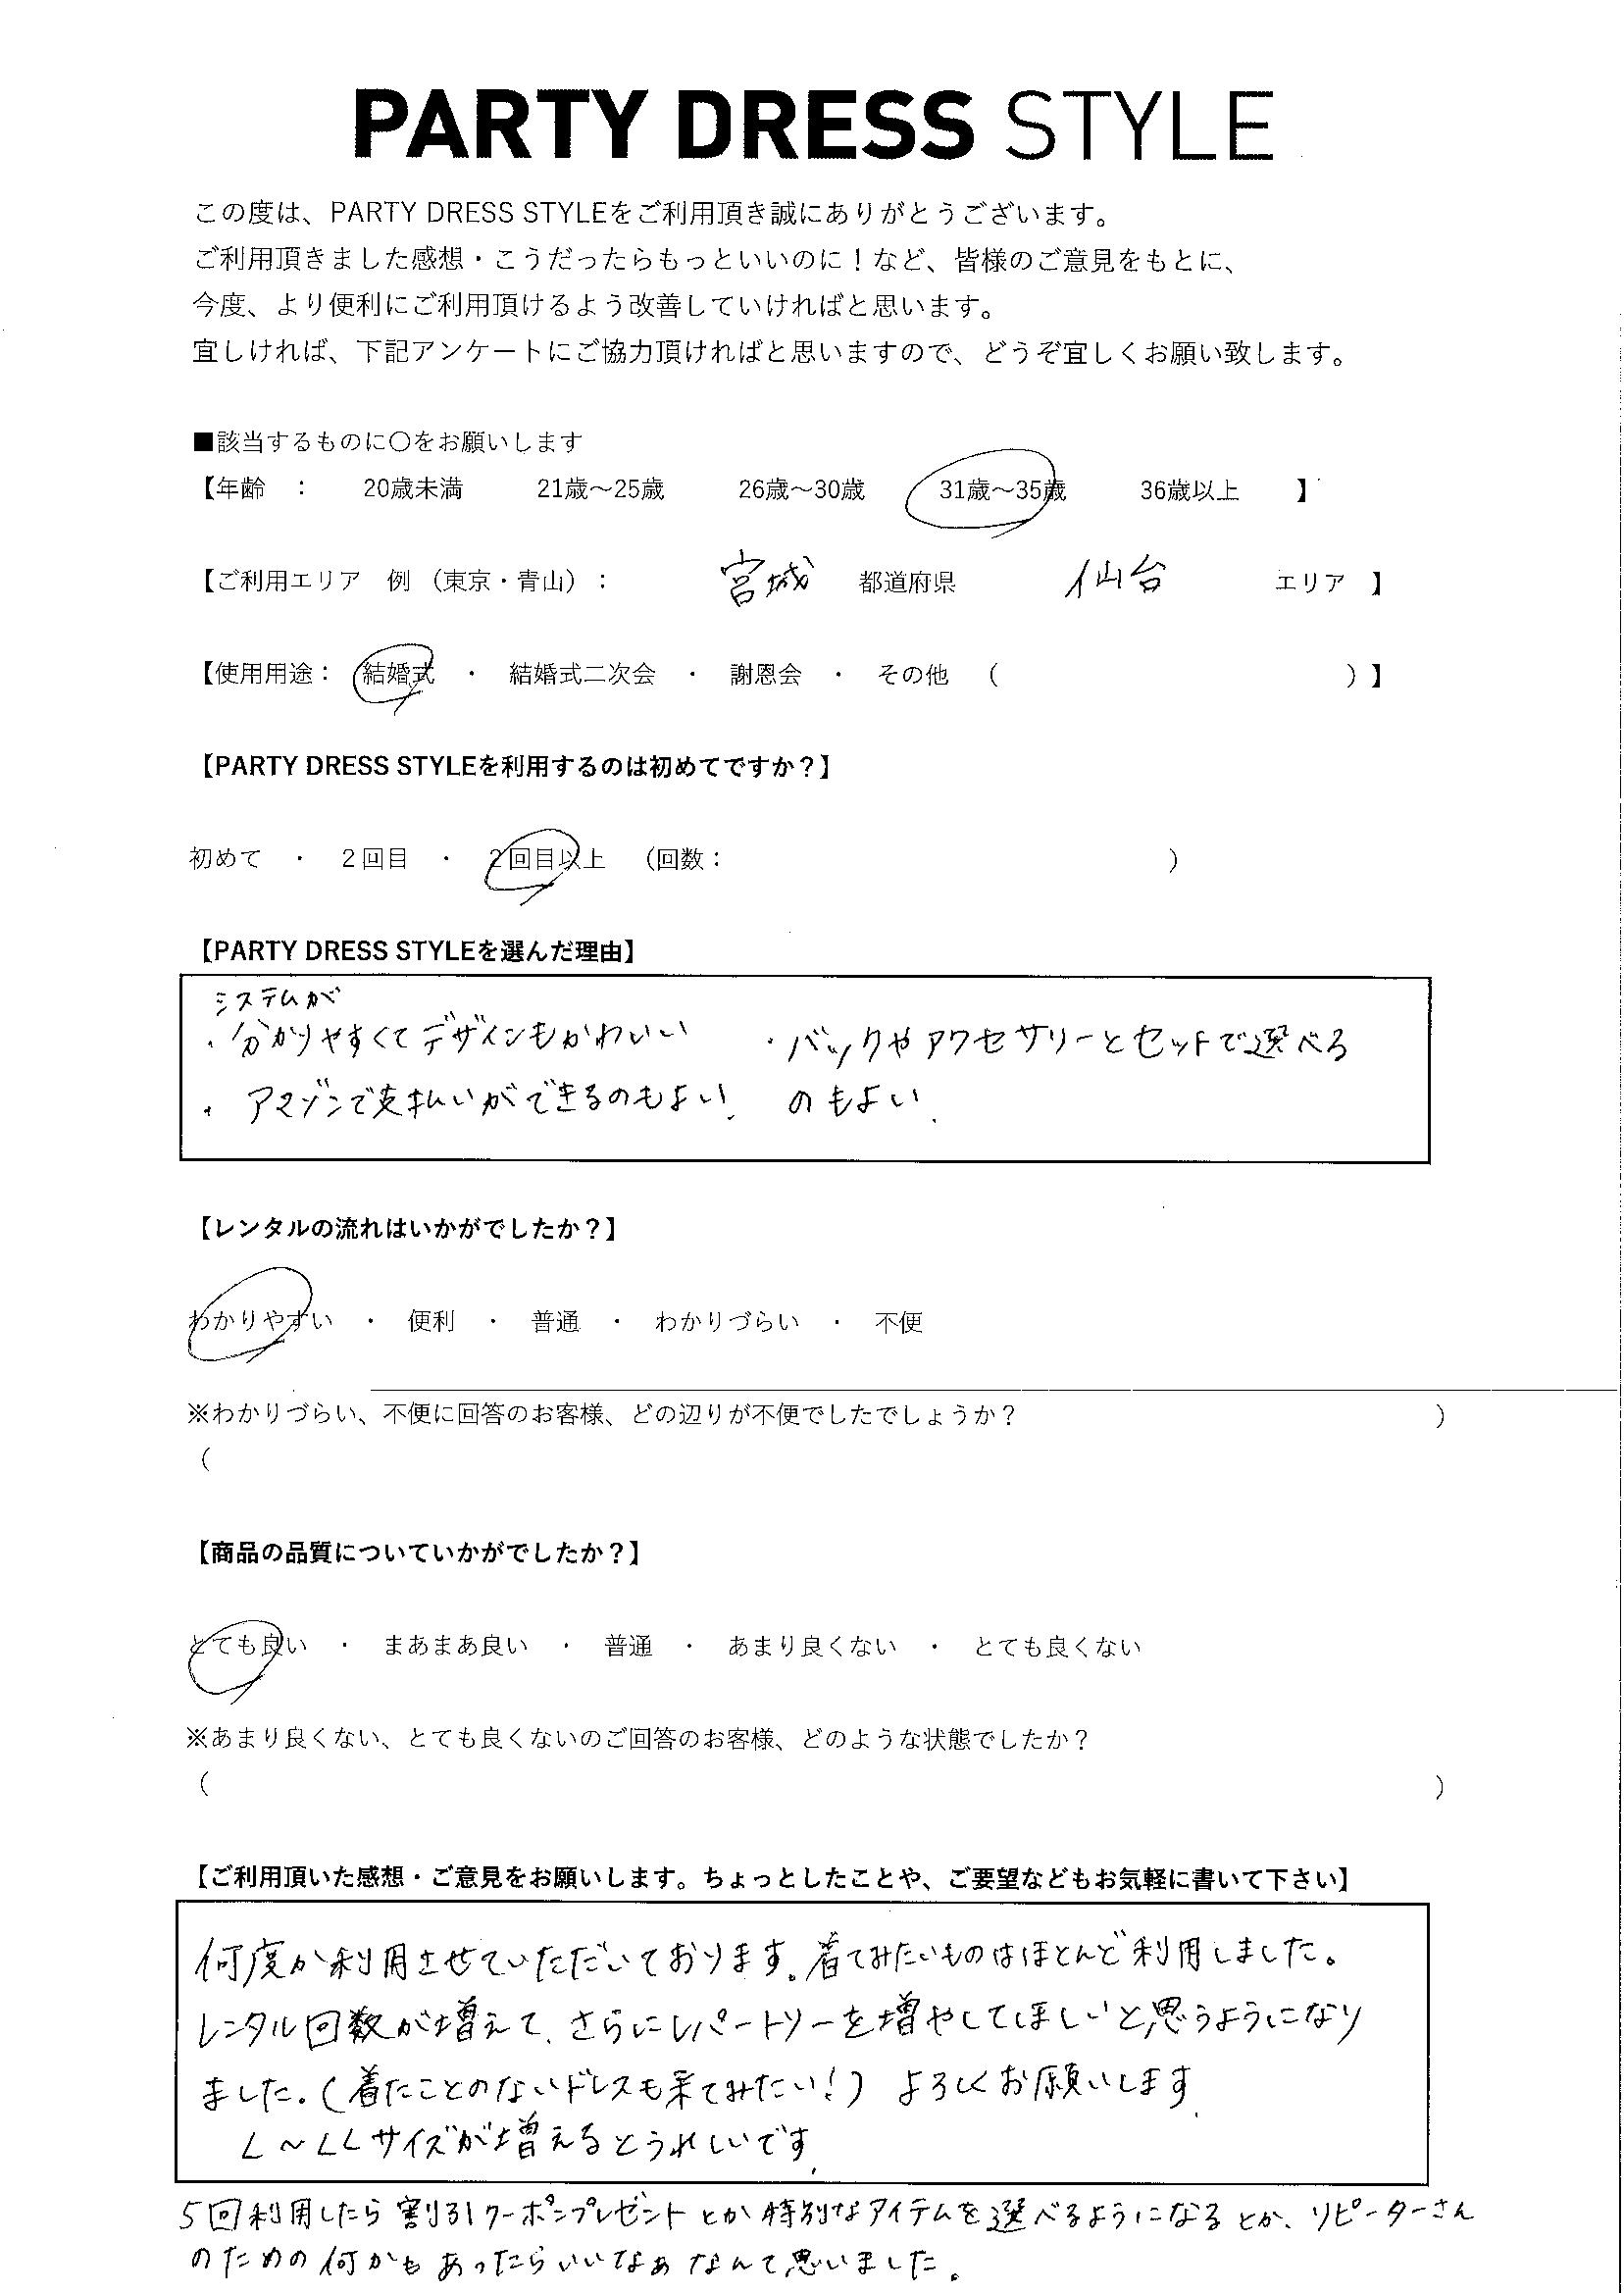 5/8結婚式ご利用 宮城・仙台エリア